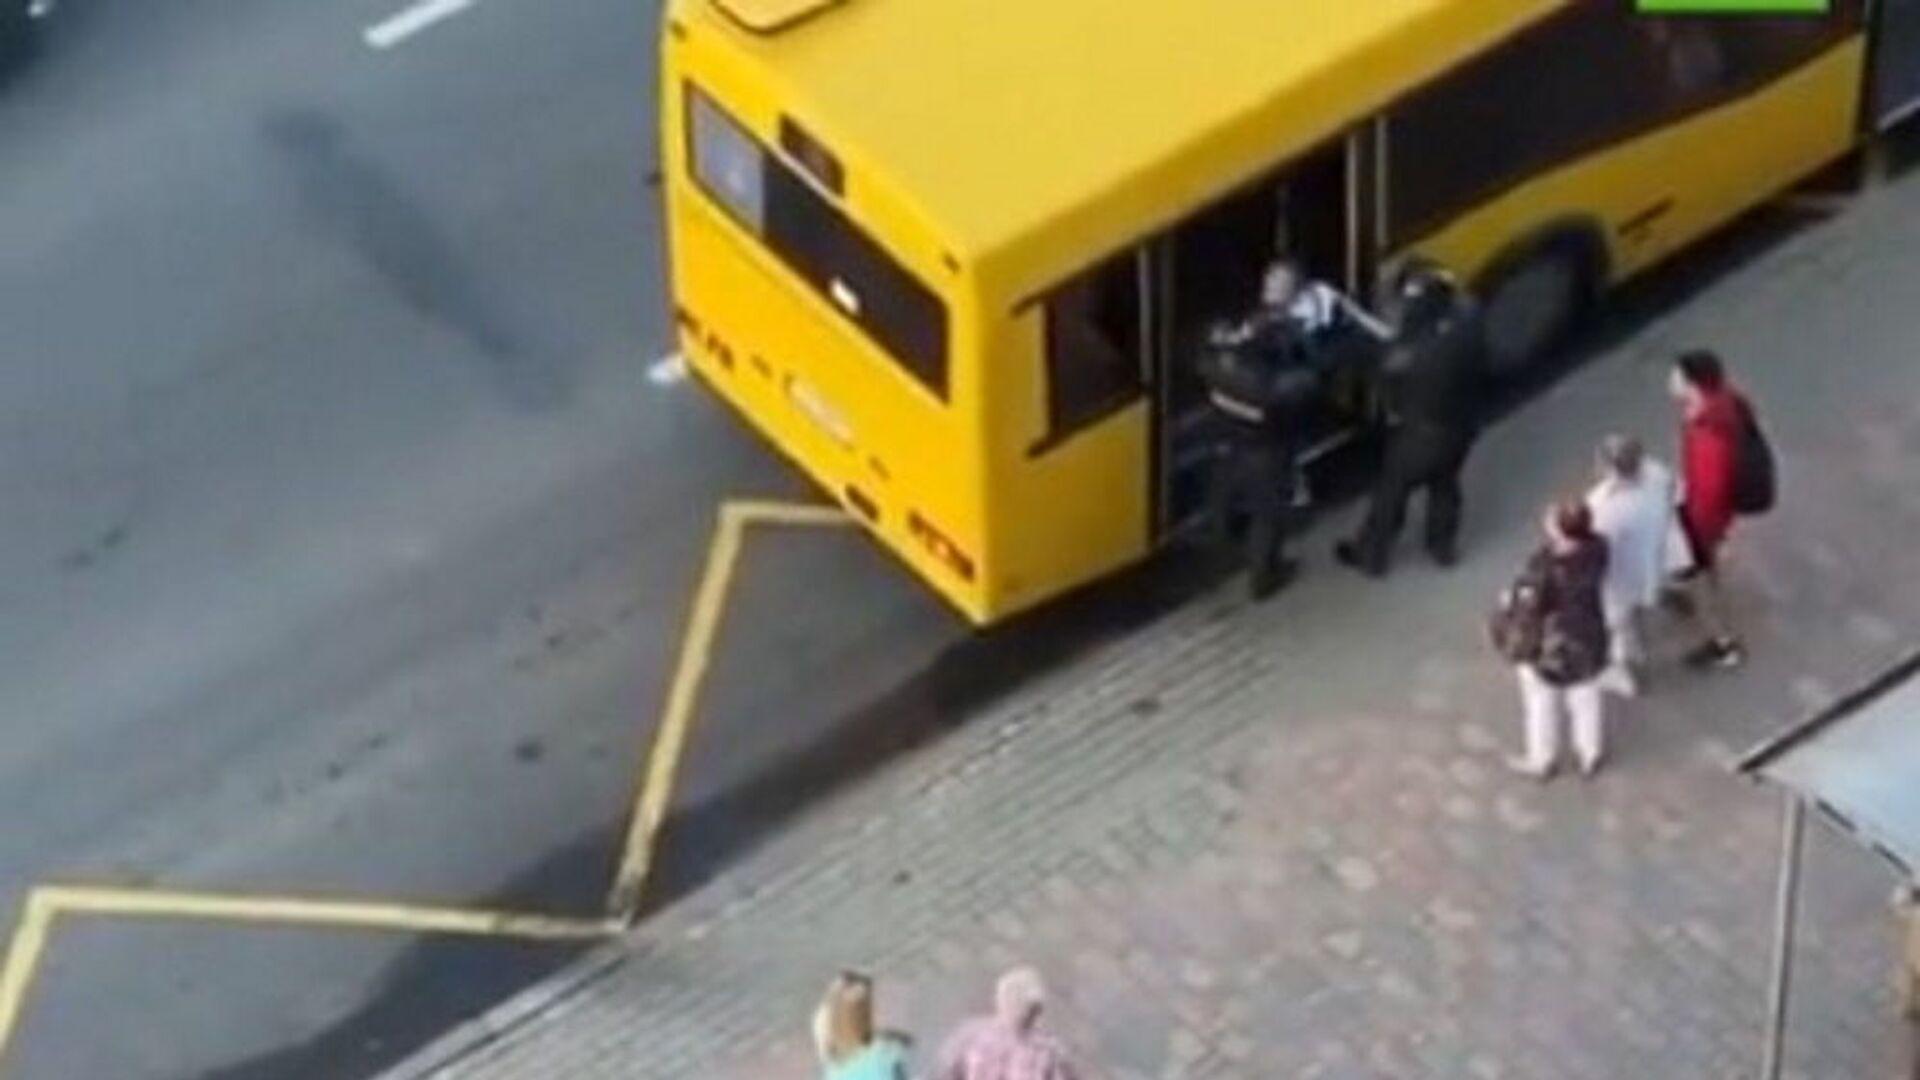 Αστυνομικοί στη Λευκορωσία πέρασαν αστικό λεωφορείο για κλούβα - Sputnik Ελλάδα, 1920, 22.09.2021